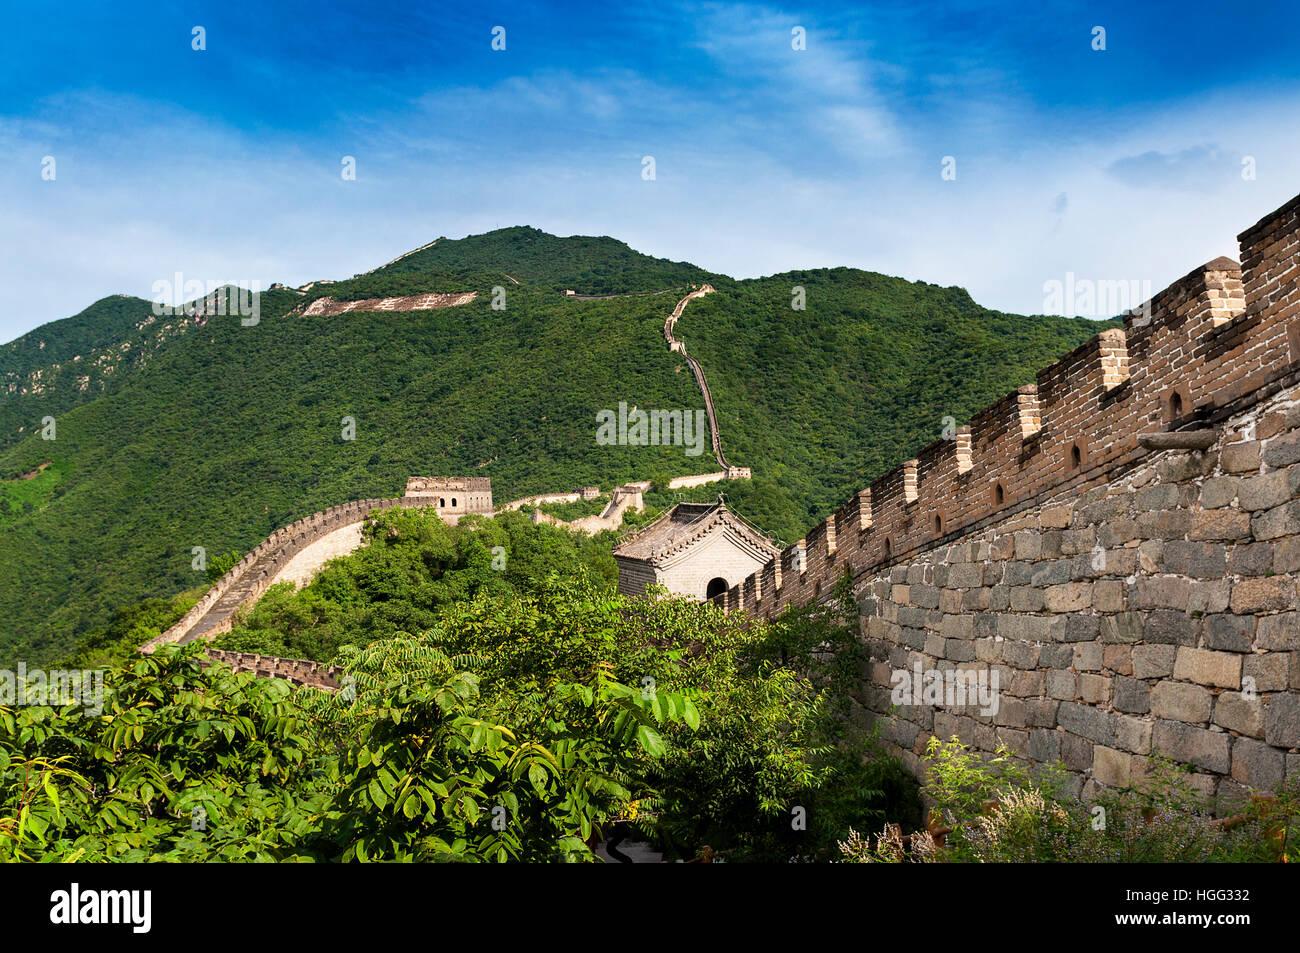 Vista de la Gran Muralla China en Mutianyu, China; concepto para viajar en China Imagen De Stock